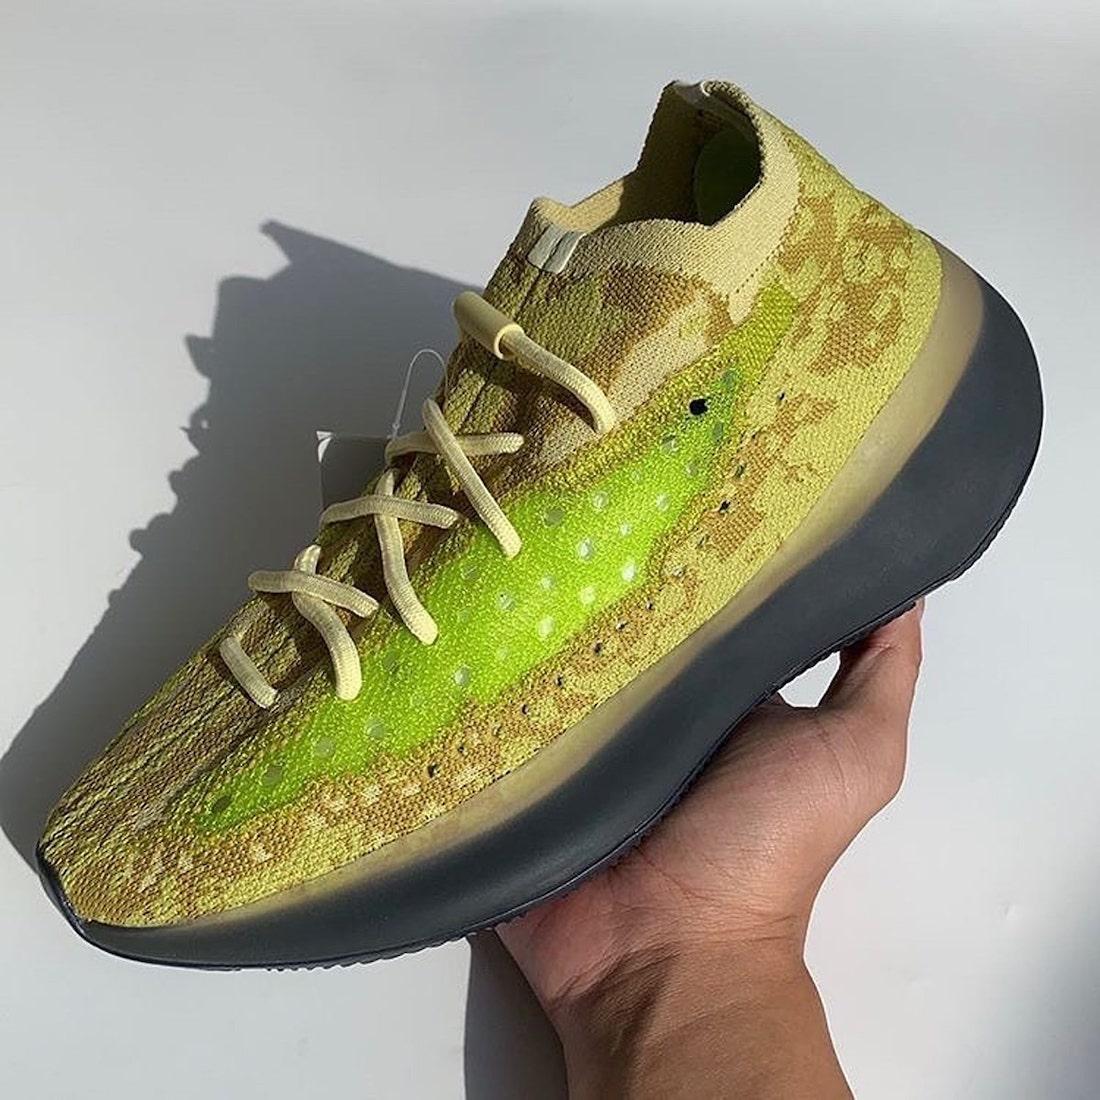 adidas Yeezy Boost 380 Hylte Glow FZ4990 Release Info